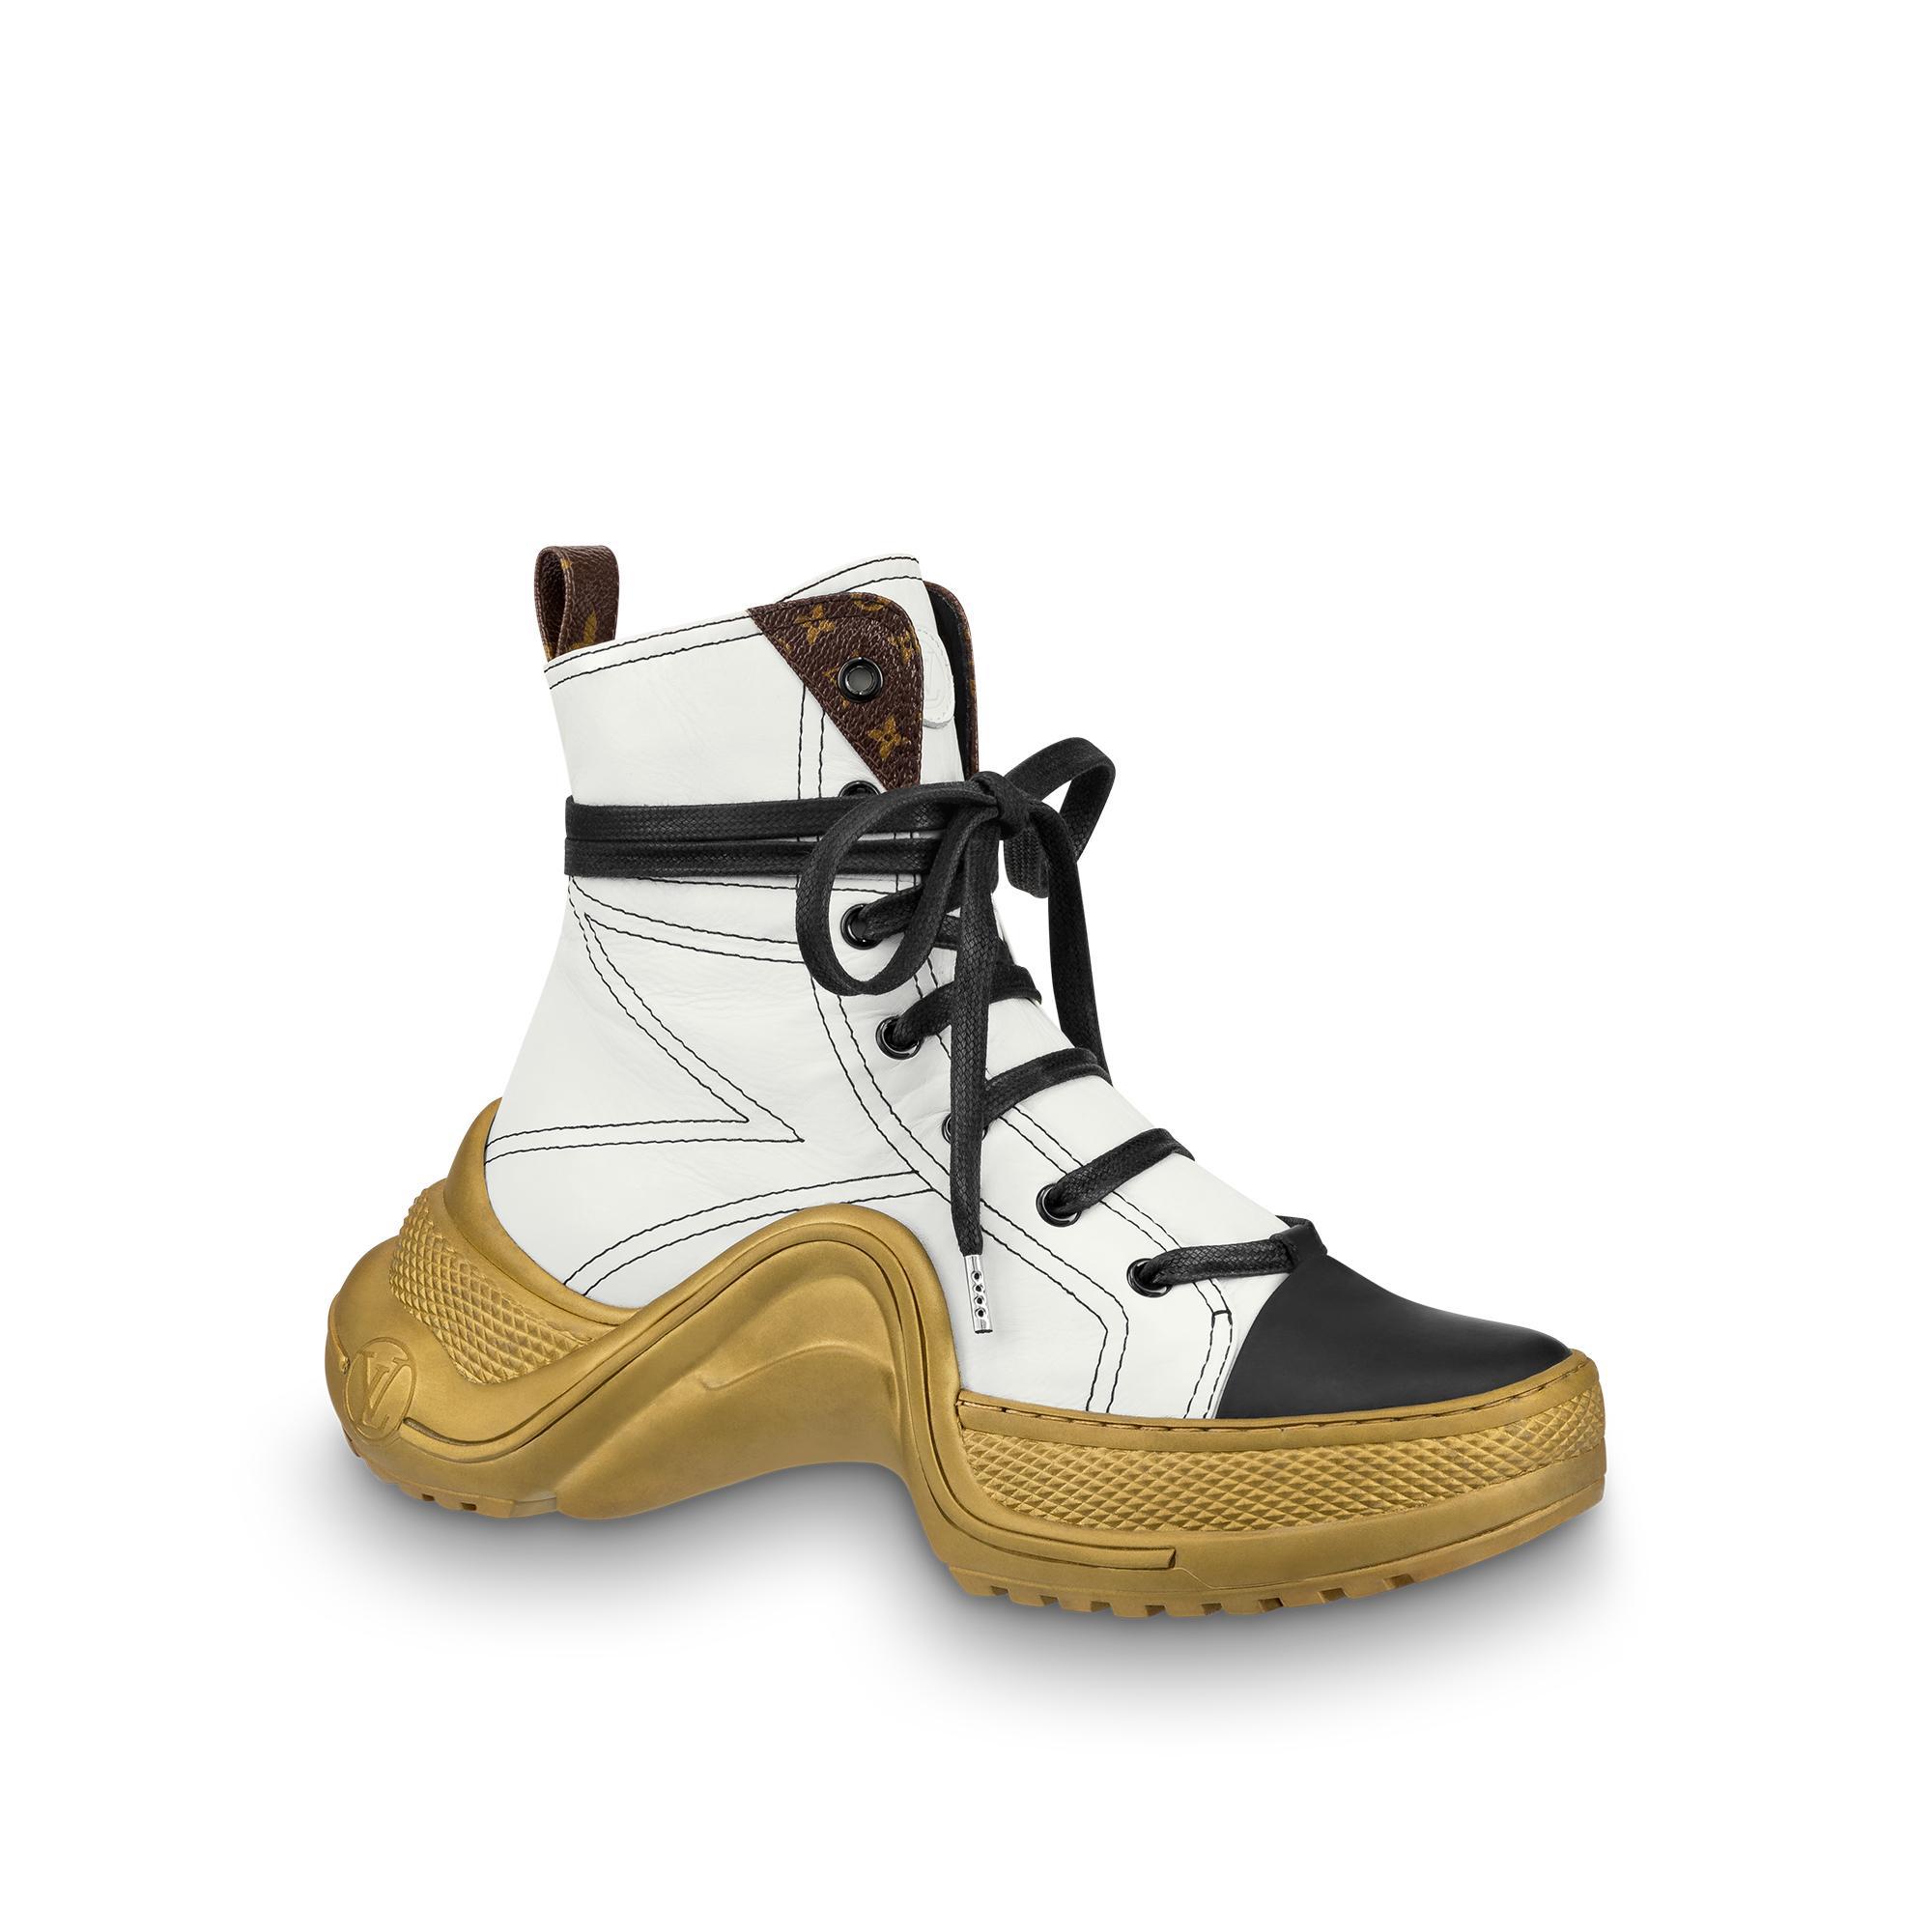 5df604416f2 Lv Archlight Sneaker Boot in White